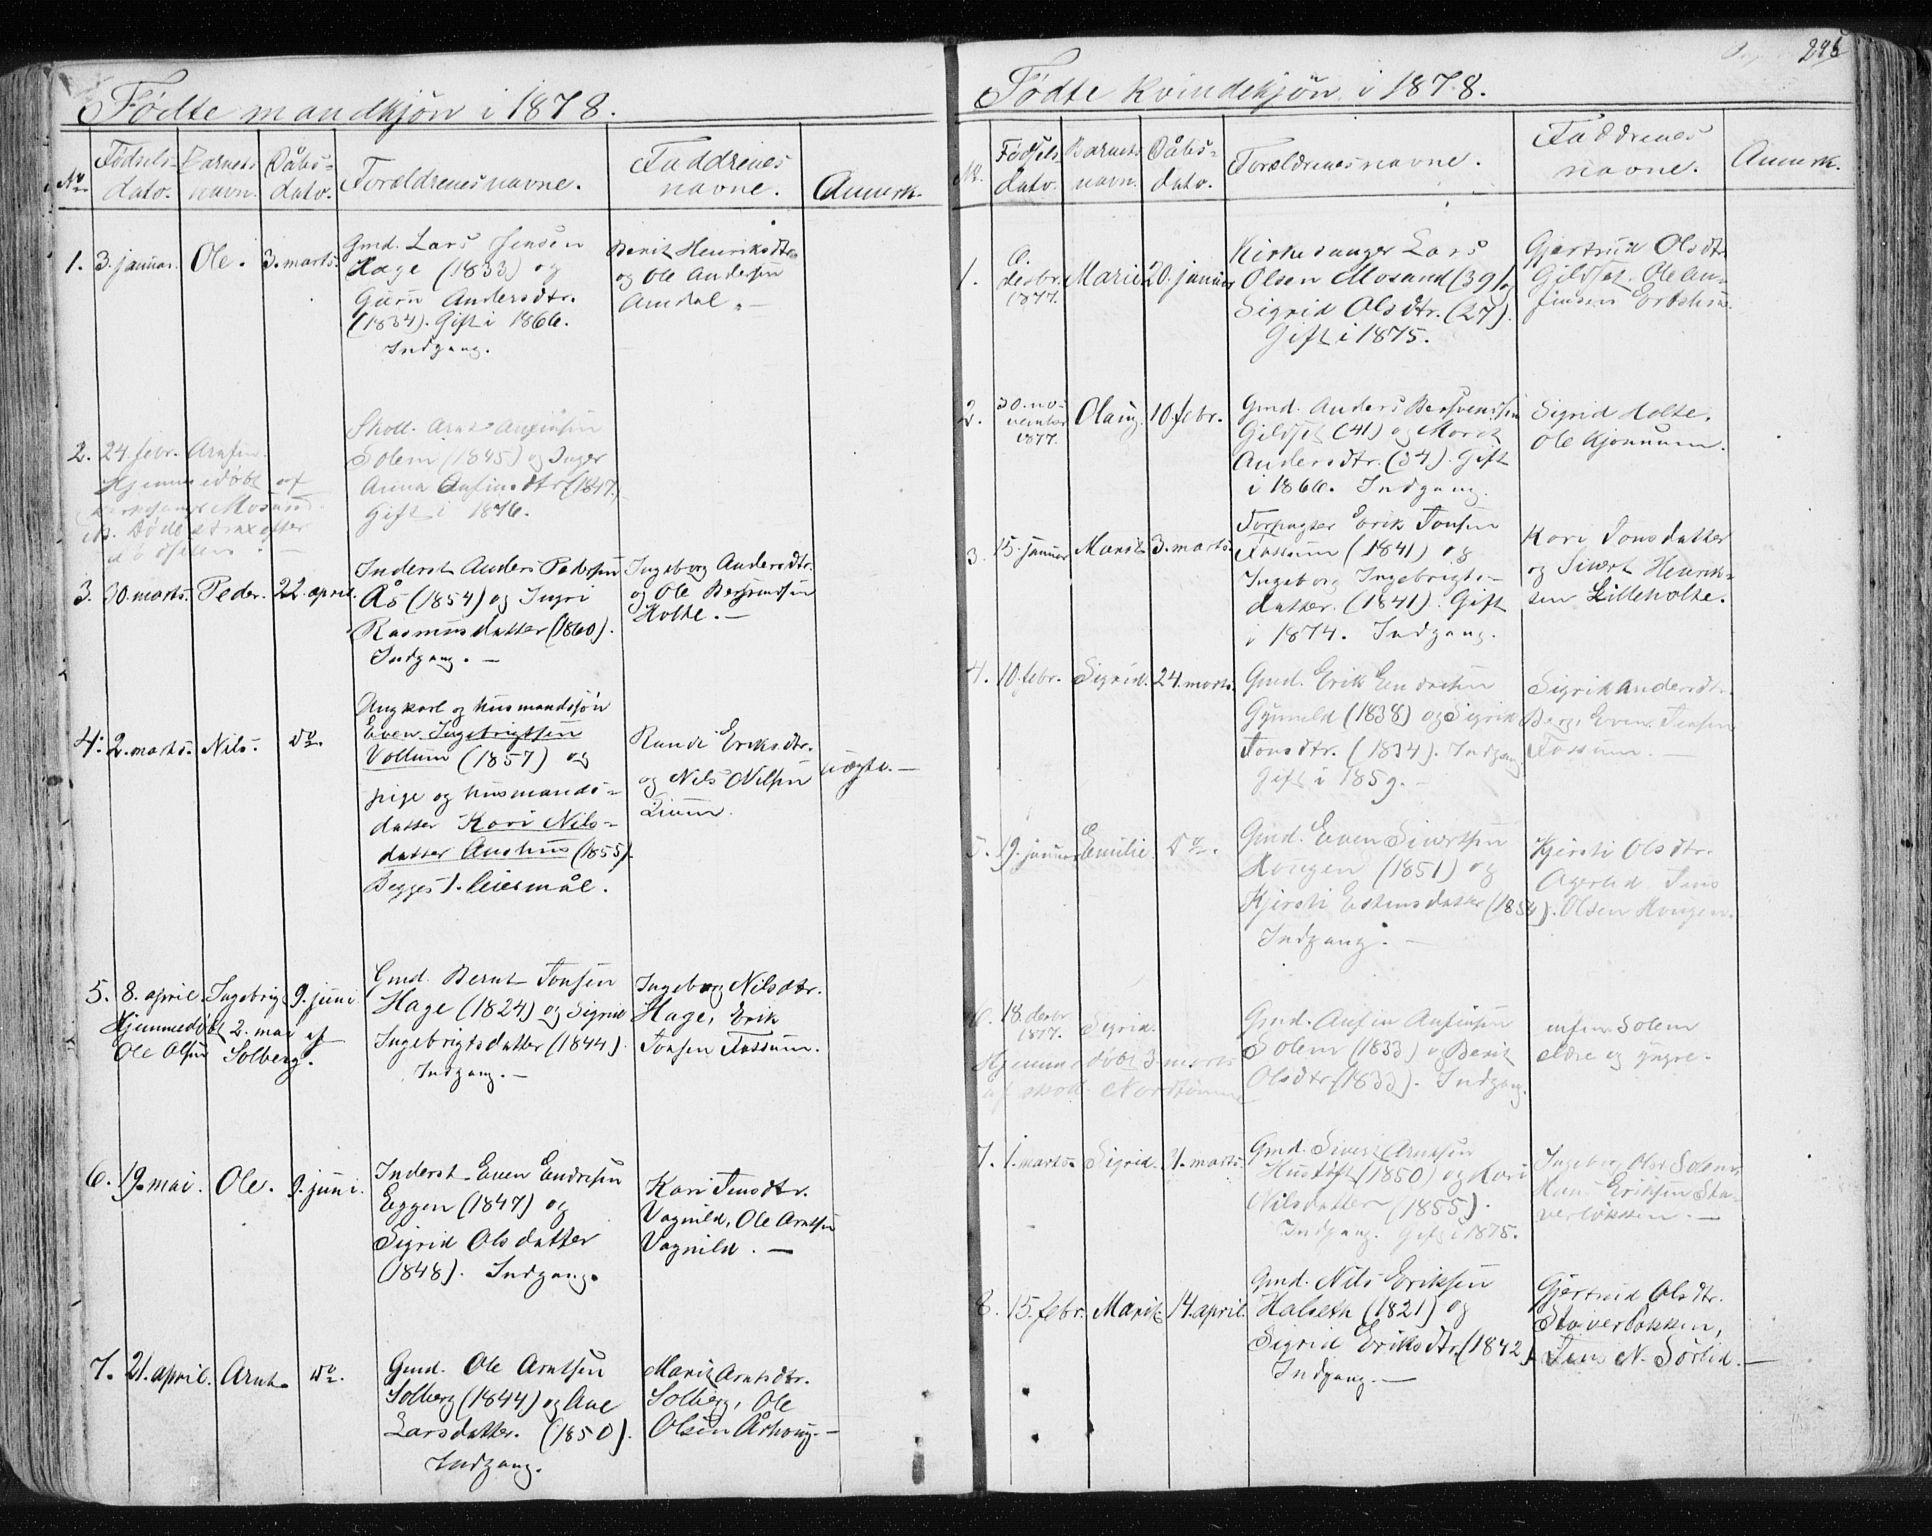 SAT, Ministerialprotokoller, klokkerbøker og fødselsregistre - Sør-Trøndelag, 689/L1043: Klokkerbok nr. 689C02, 1816-1892, s. 245